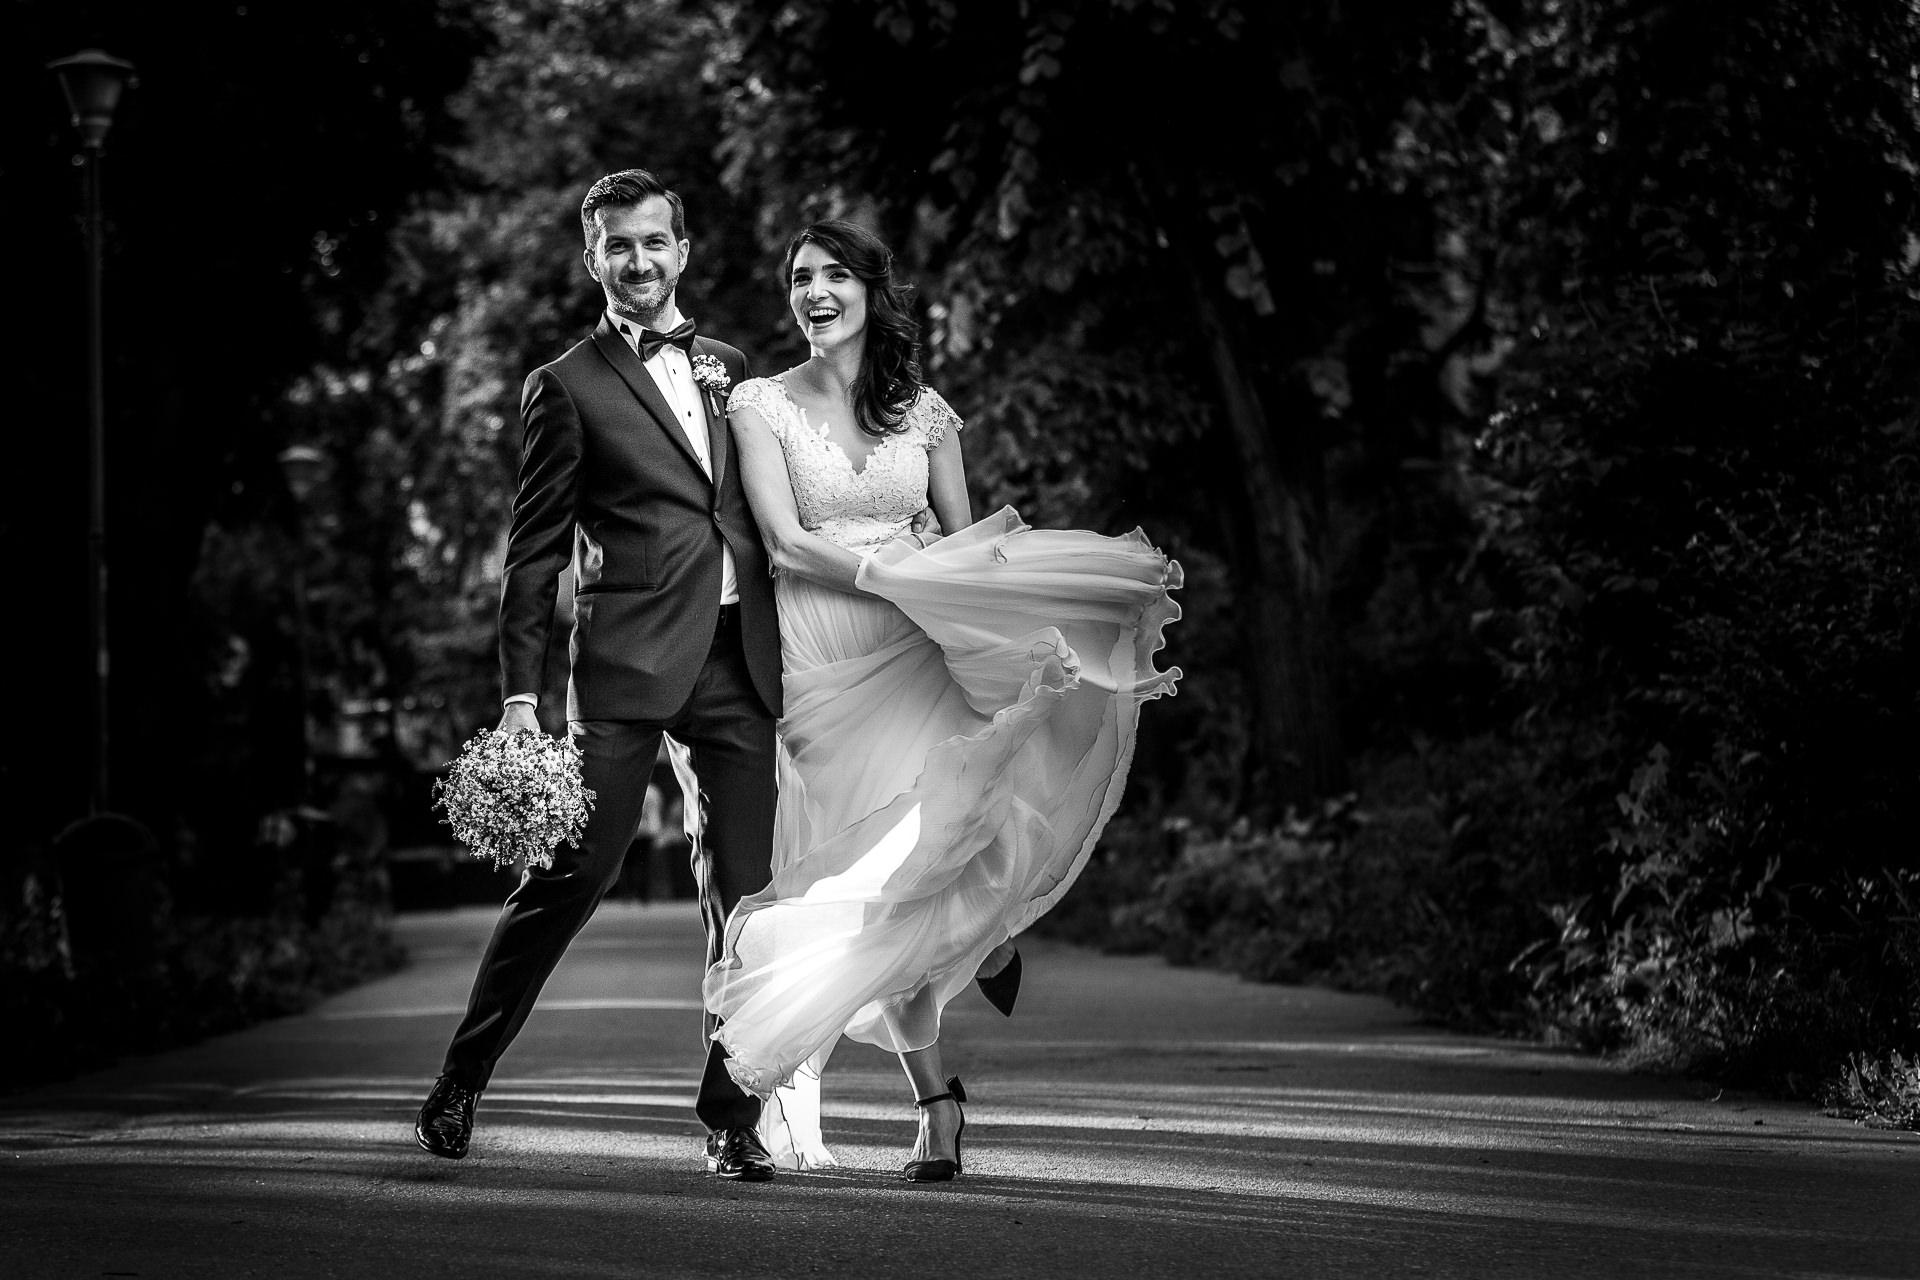 nuntă Salon Elisabeta - Elena şi Costin - Mihai Zaharia Photography - 046